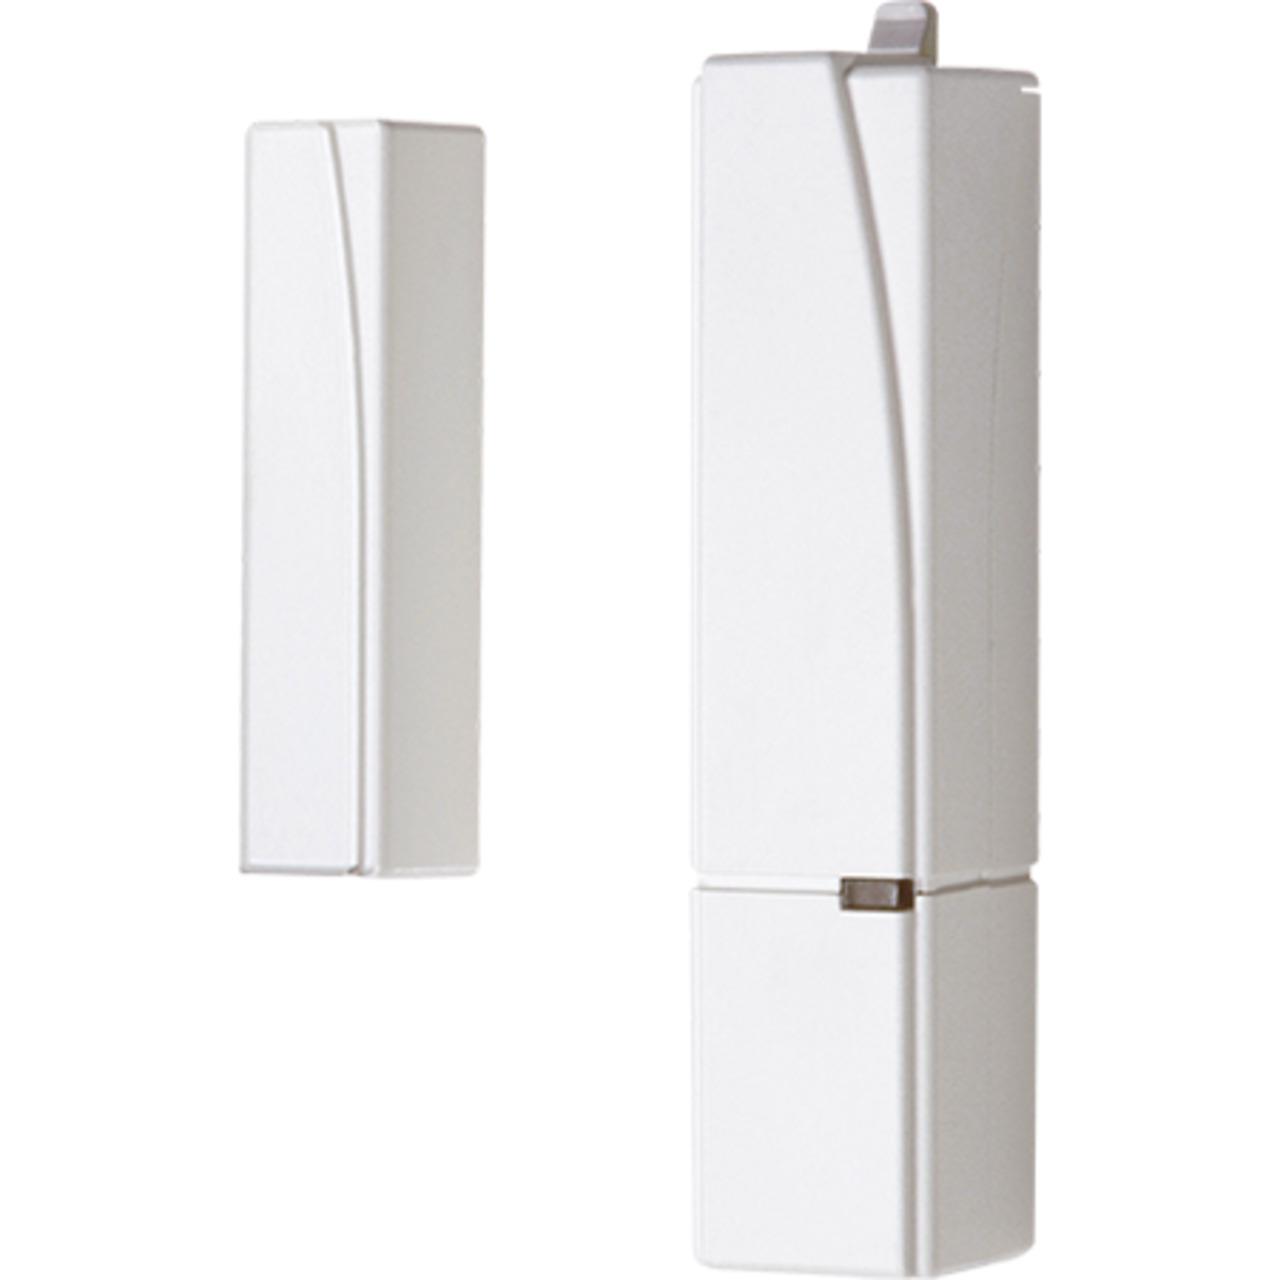 Homematic Fenster- und Türkontakt HM-Sec-SC-2 für Smart Home - Hausautomation